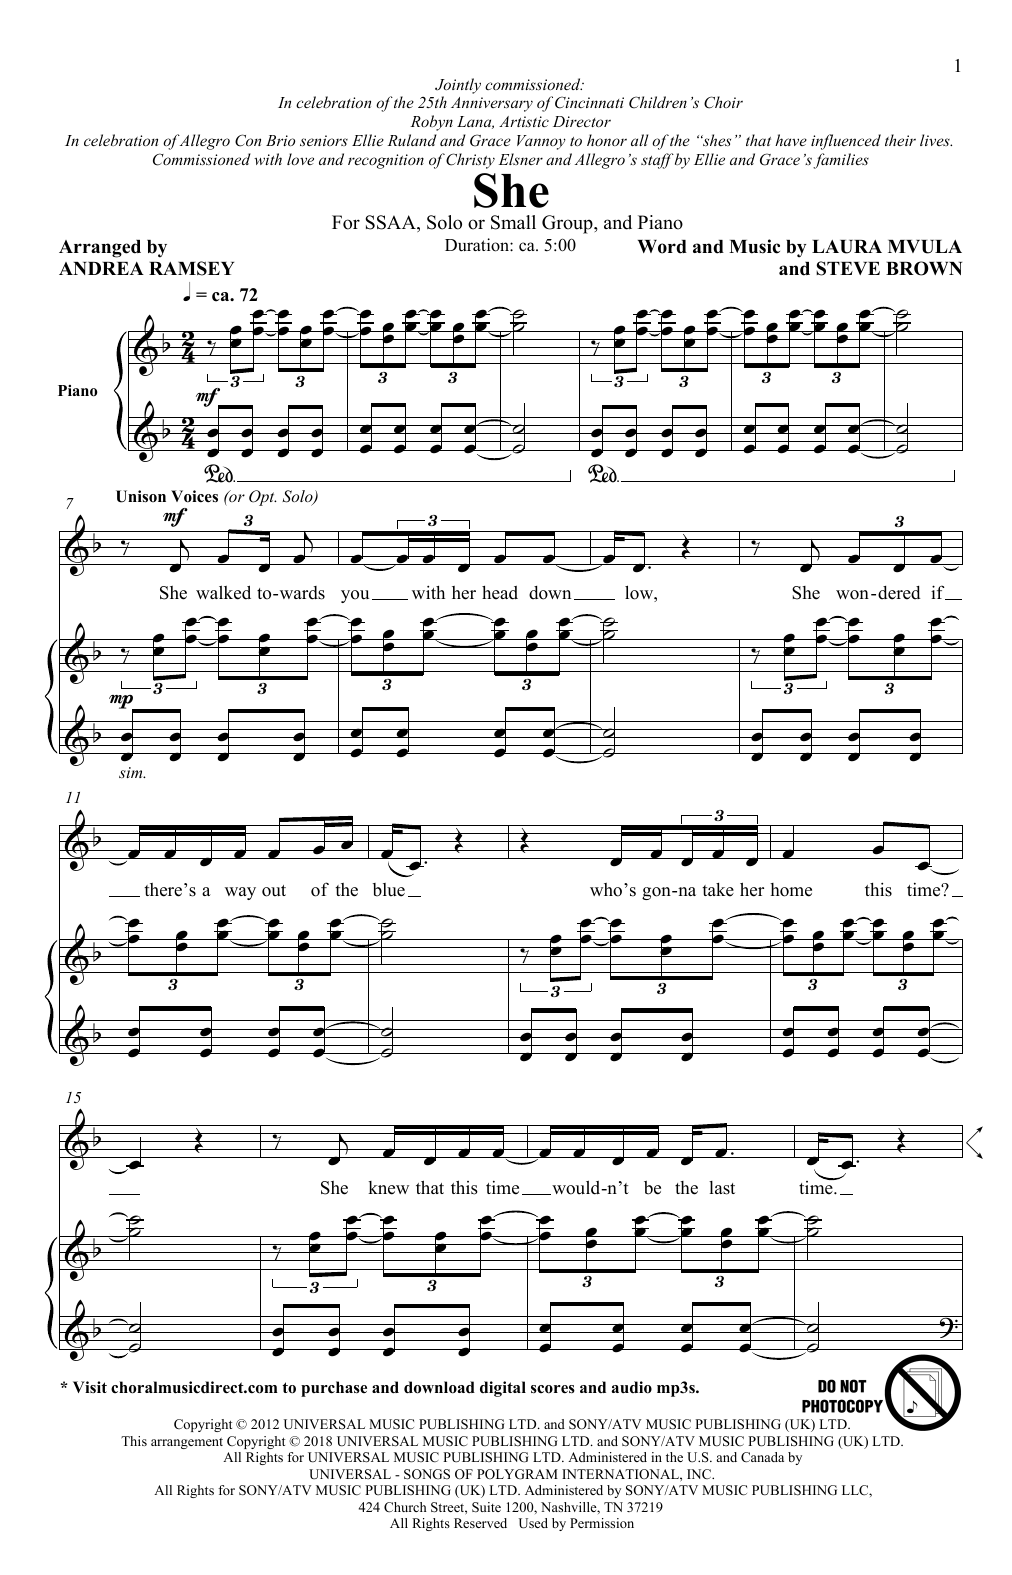 She (arr. Andrea Ramsey) (SSA Choir)